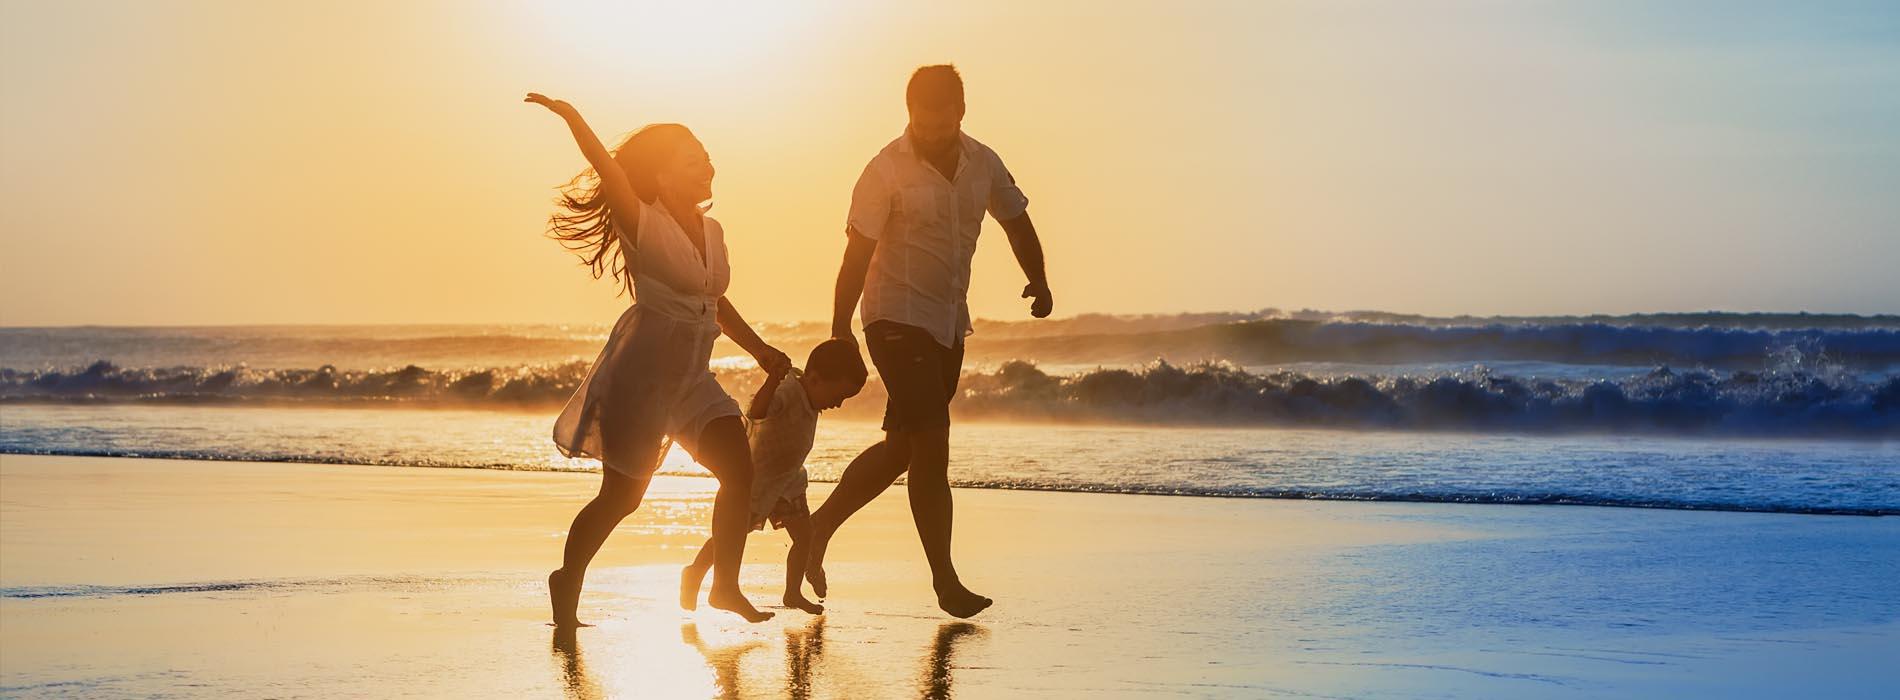 חופשת קיץ משפחתית